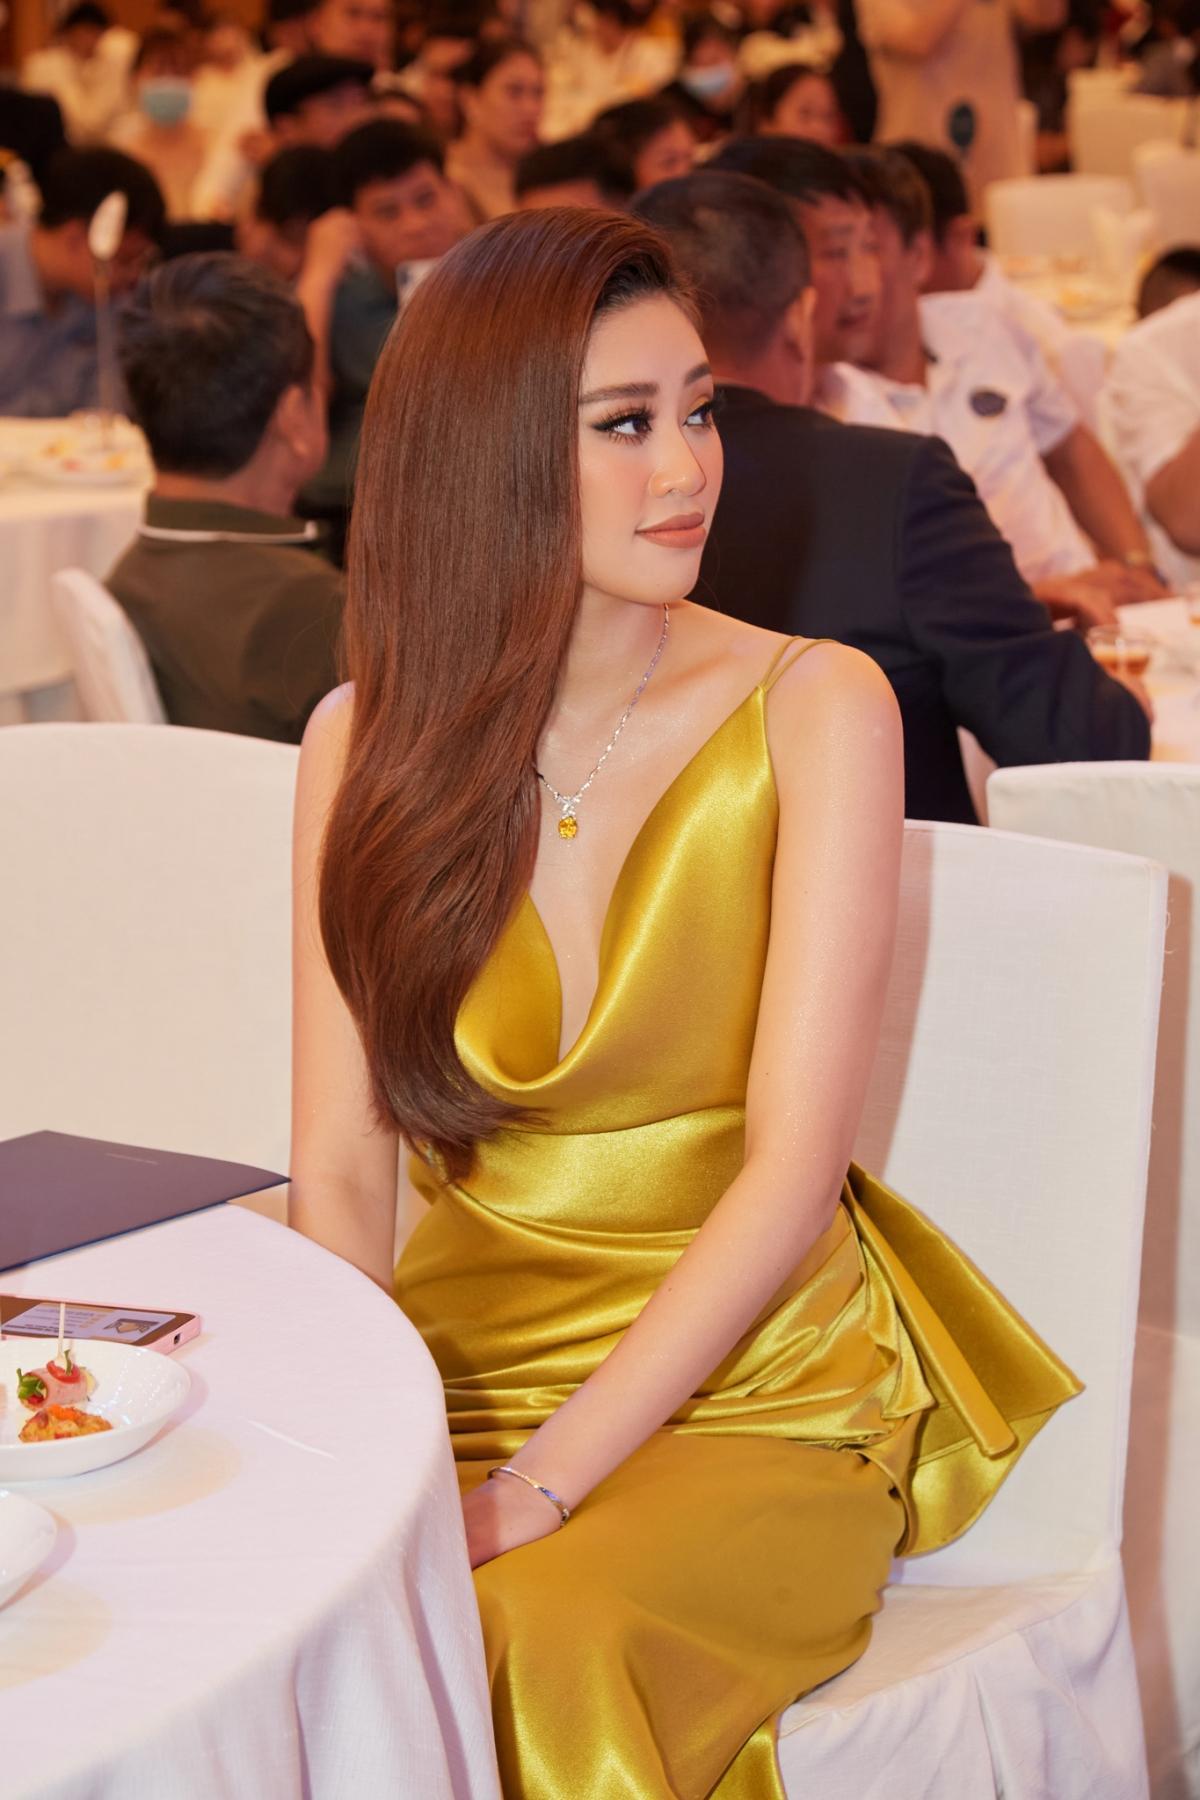 Hoa hậu Khánh Vân xinh đẹp nổi bật với đầm vàng gợi cảm đi dự sự kiện Ảnh 13